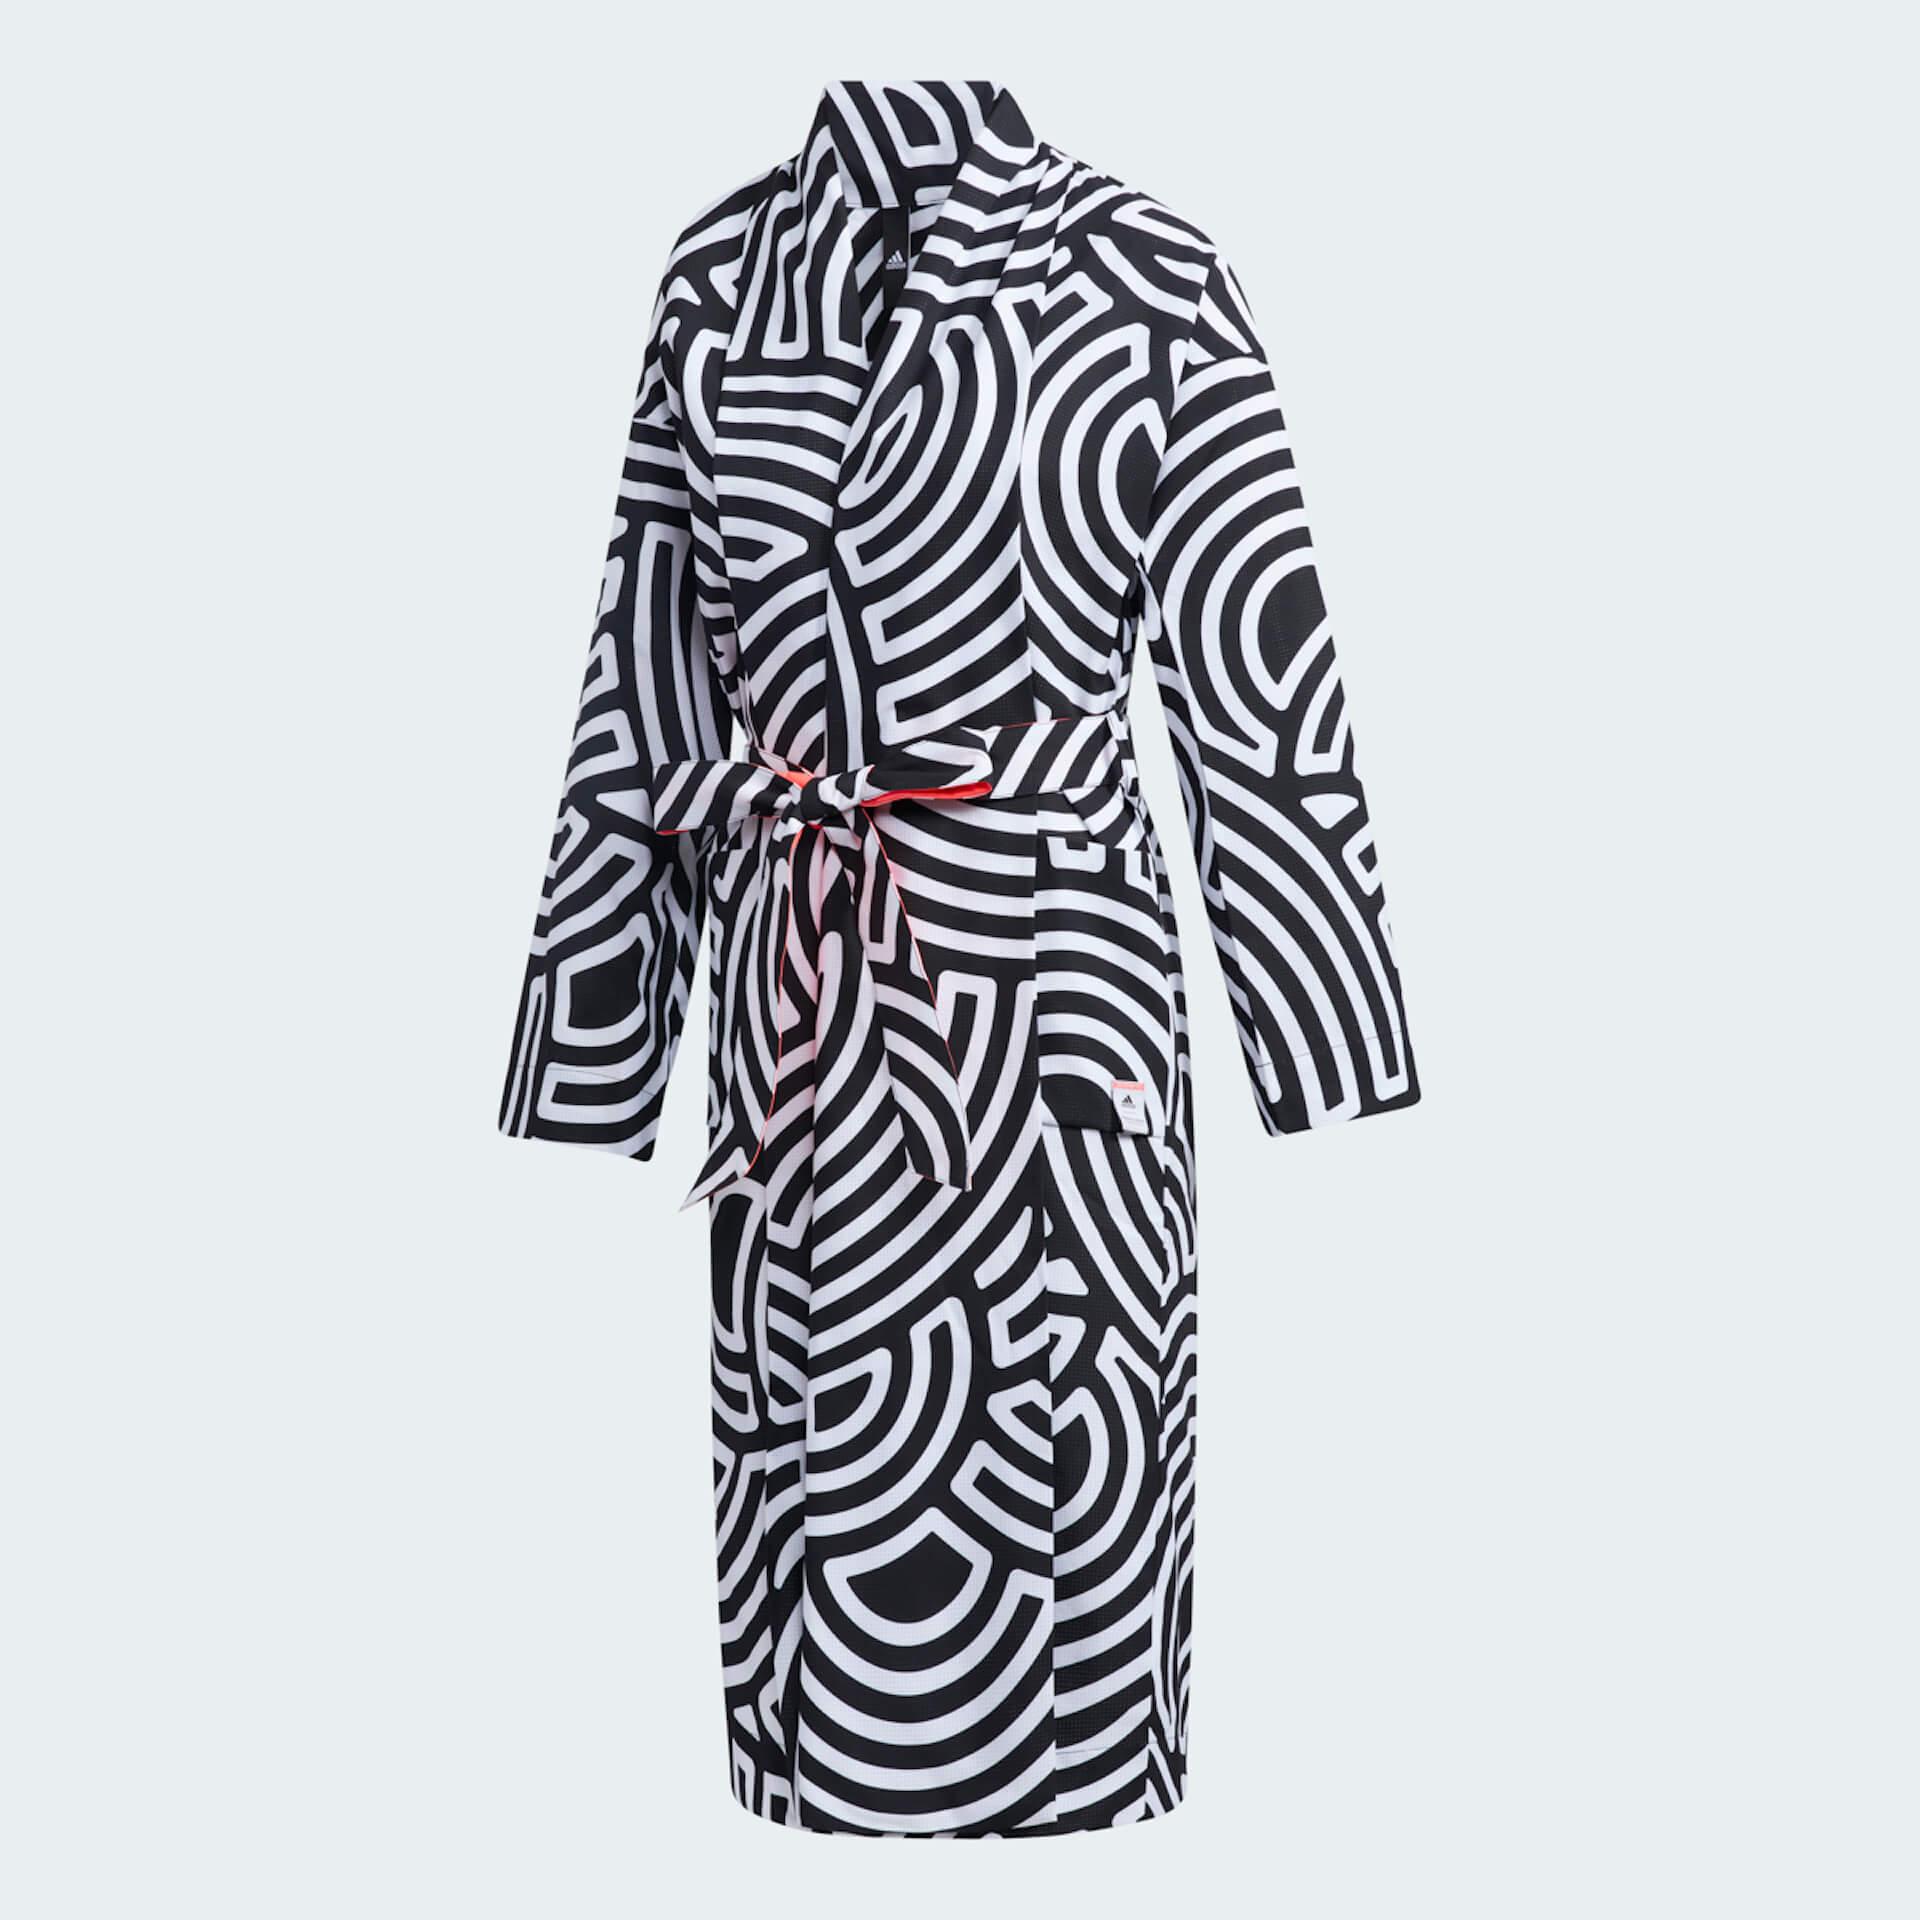 アディダス初の法被ジャケットと浴衣ジャケットが登場!高橋理子とのコラボコレクション『HIROKO TAKAHASHI COLLECTION』が販売開始 music210611_adidas15